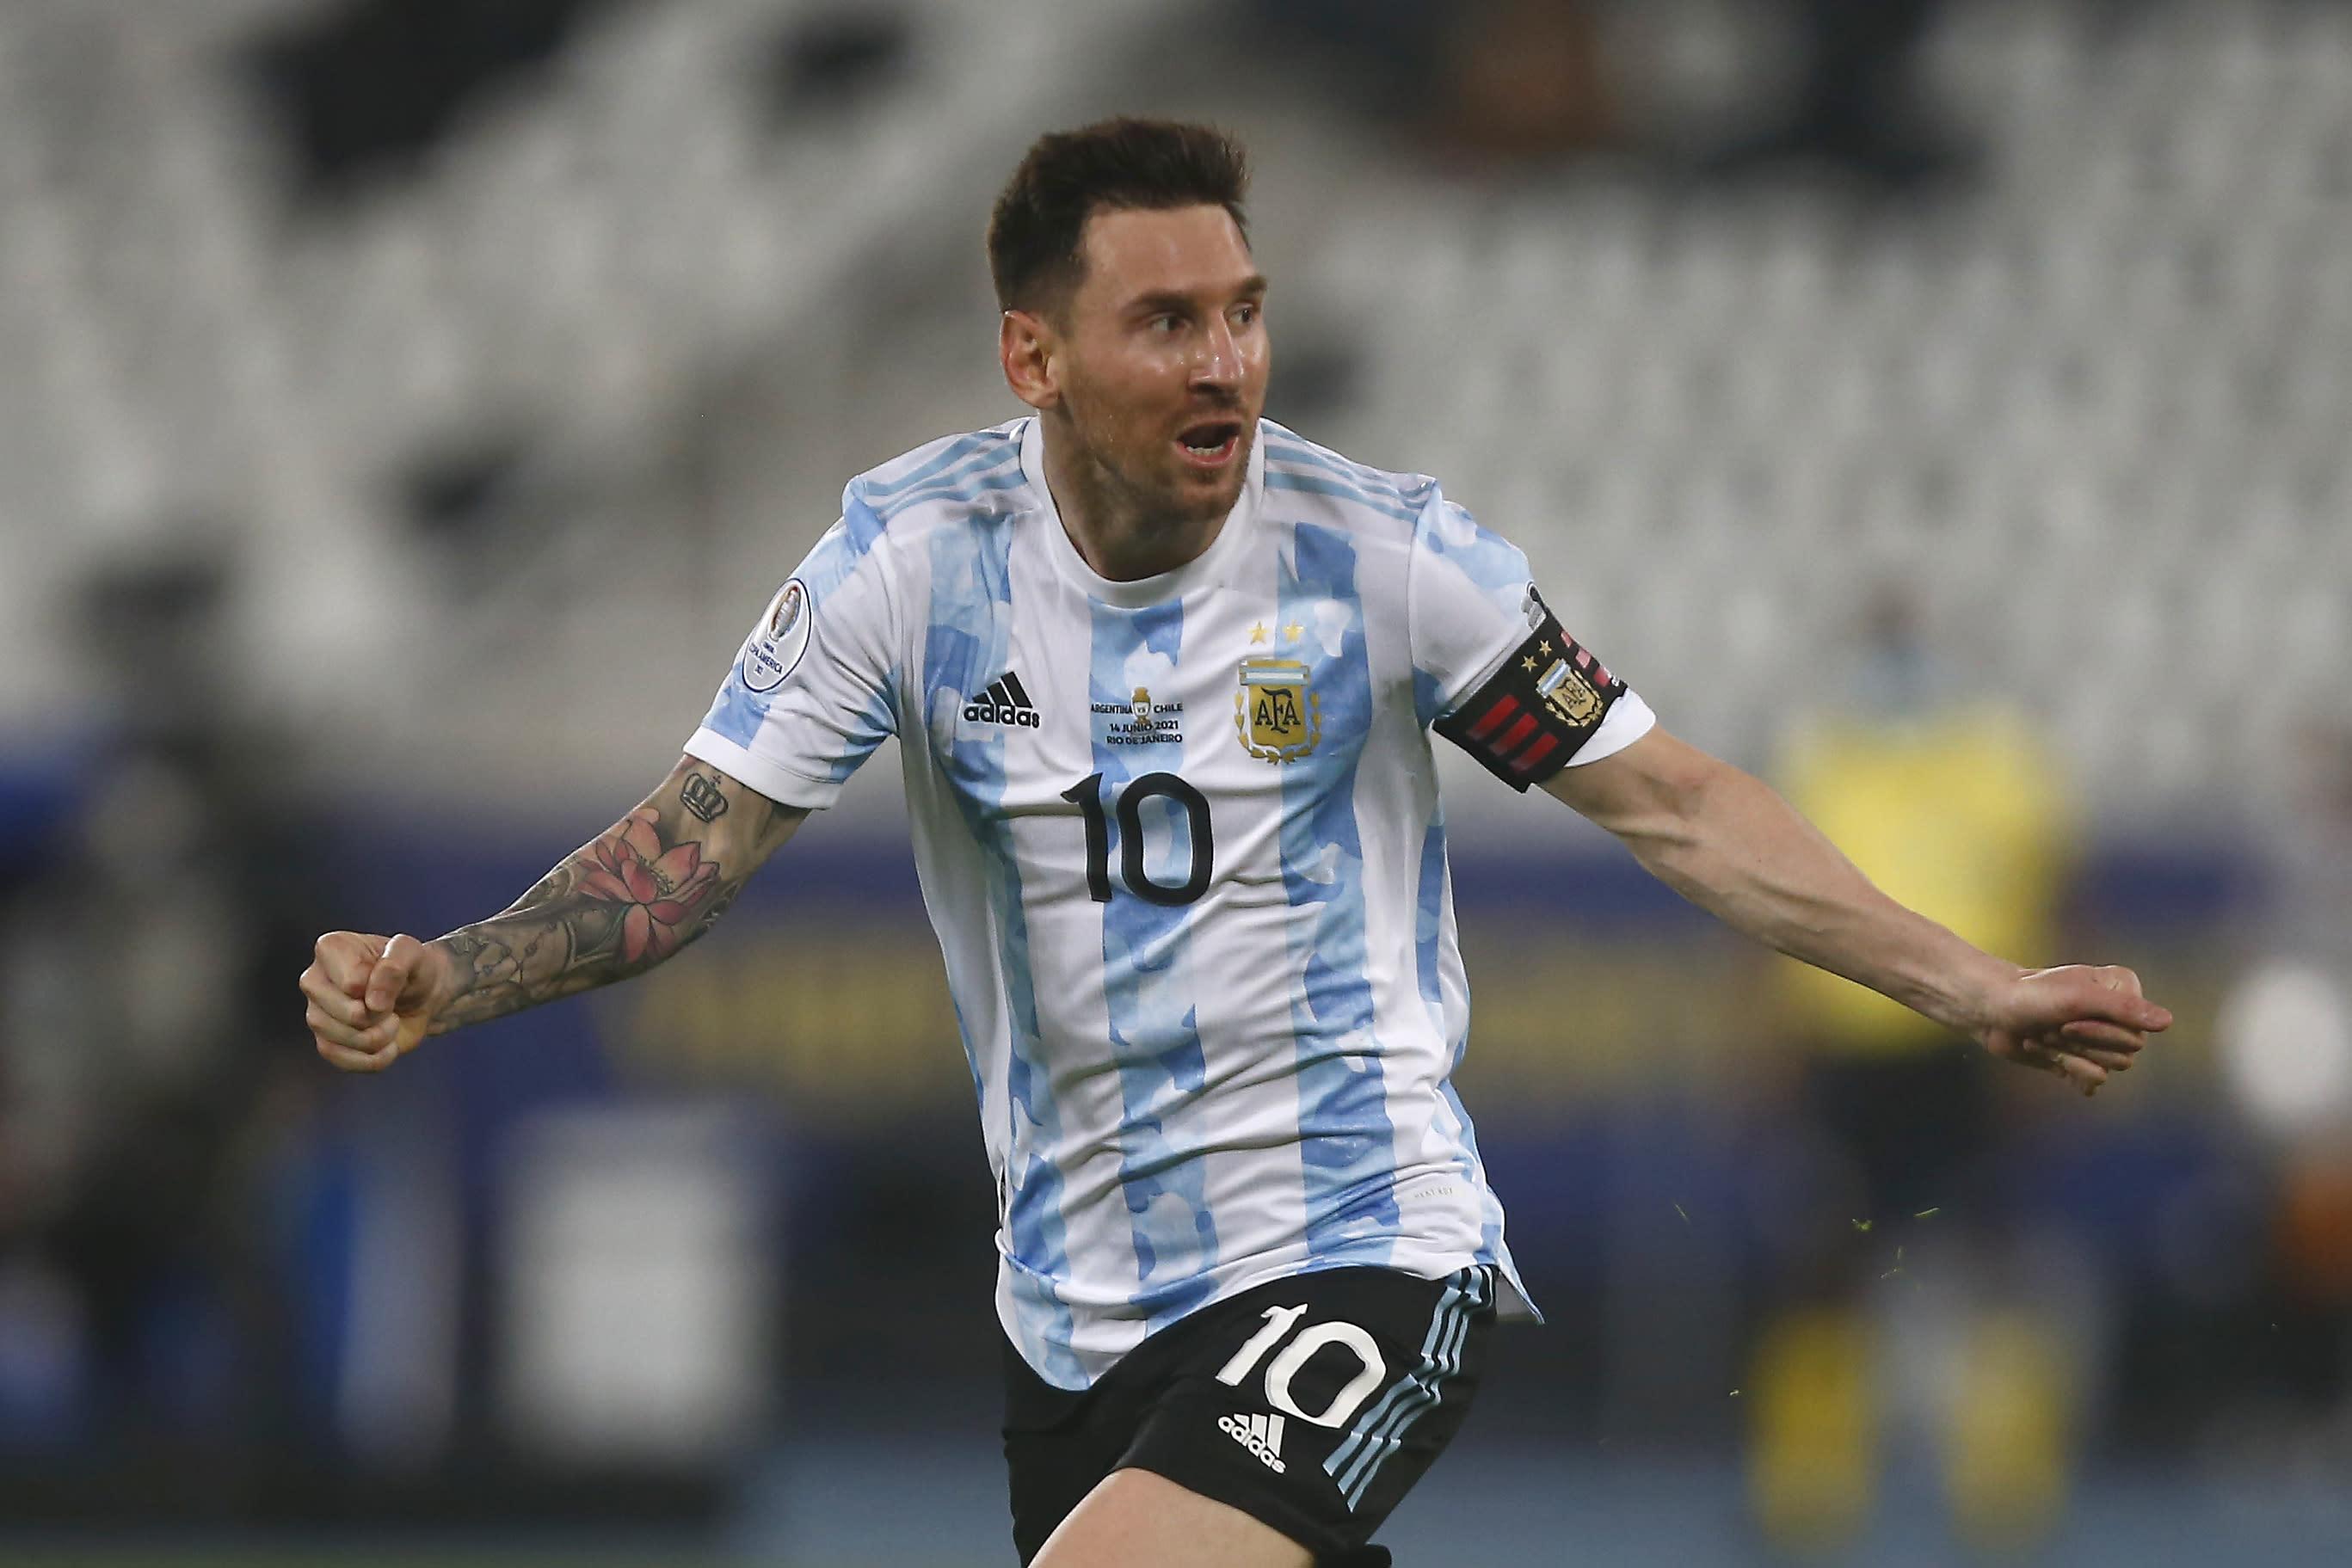 अर्जेन्टिना र कोलम्बियाको खेलमा किन भएन 'एक्स्ट्रा टाइम' ? फाइनलमा के हुन्छ ?